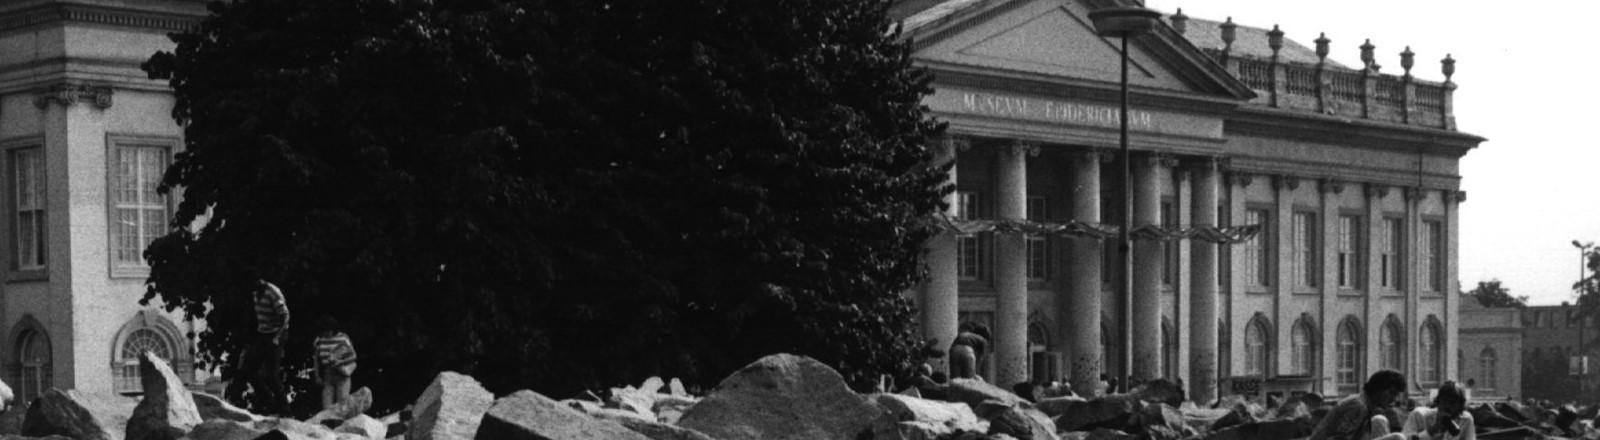 """Attraktion, aber auch """"Stein des Anstoßes"""" waren die 7 000 Steine, die Joseph Beuys 1955 für seine Baumpflanzaktion vor dem Museum Fridericianum in Kassel lagern ließ."""